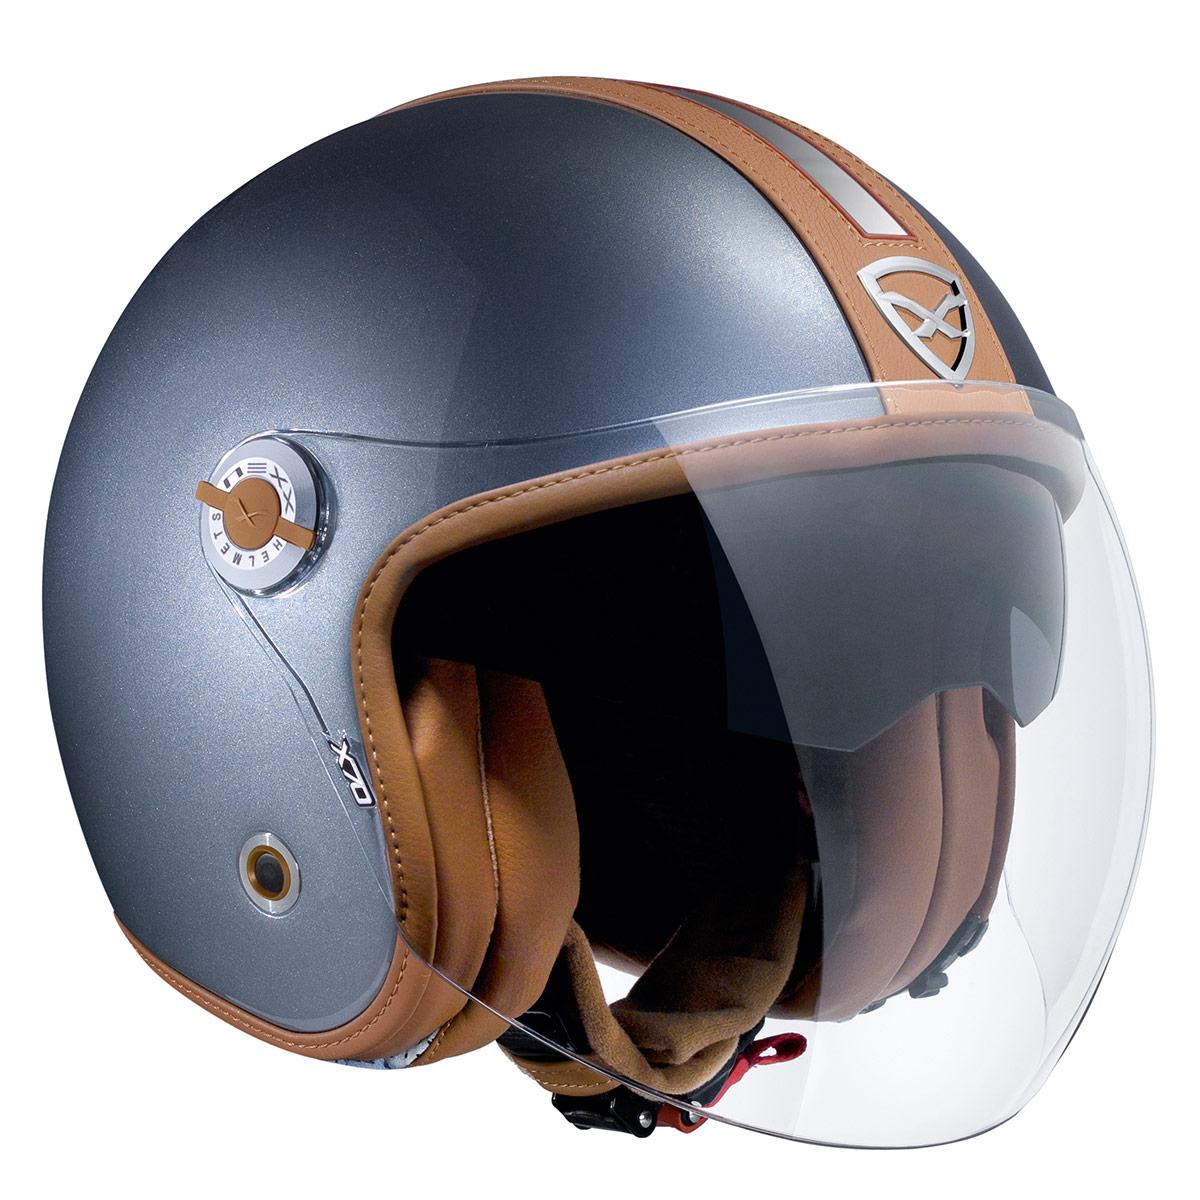 Capacete Nexx X70 Groovy Titanium Camel  - Super Bike - Loja Oficial Alpinestars